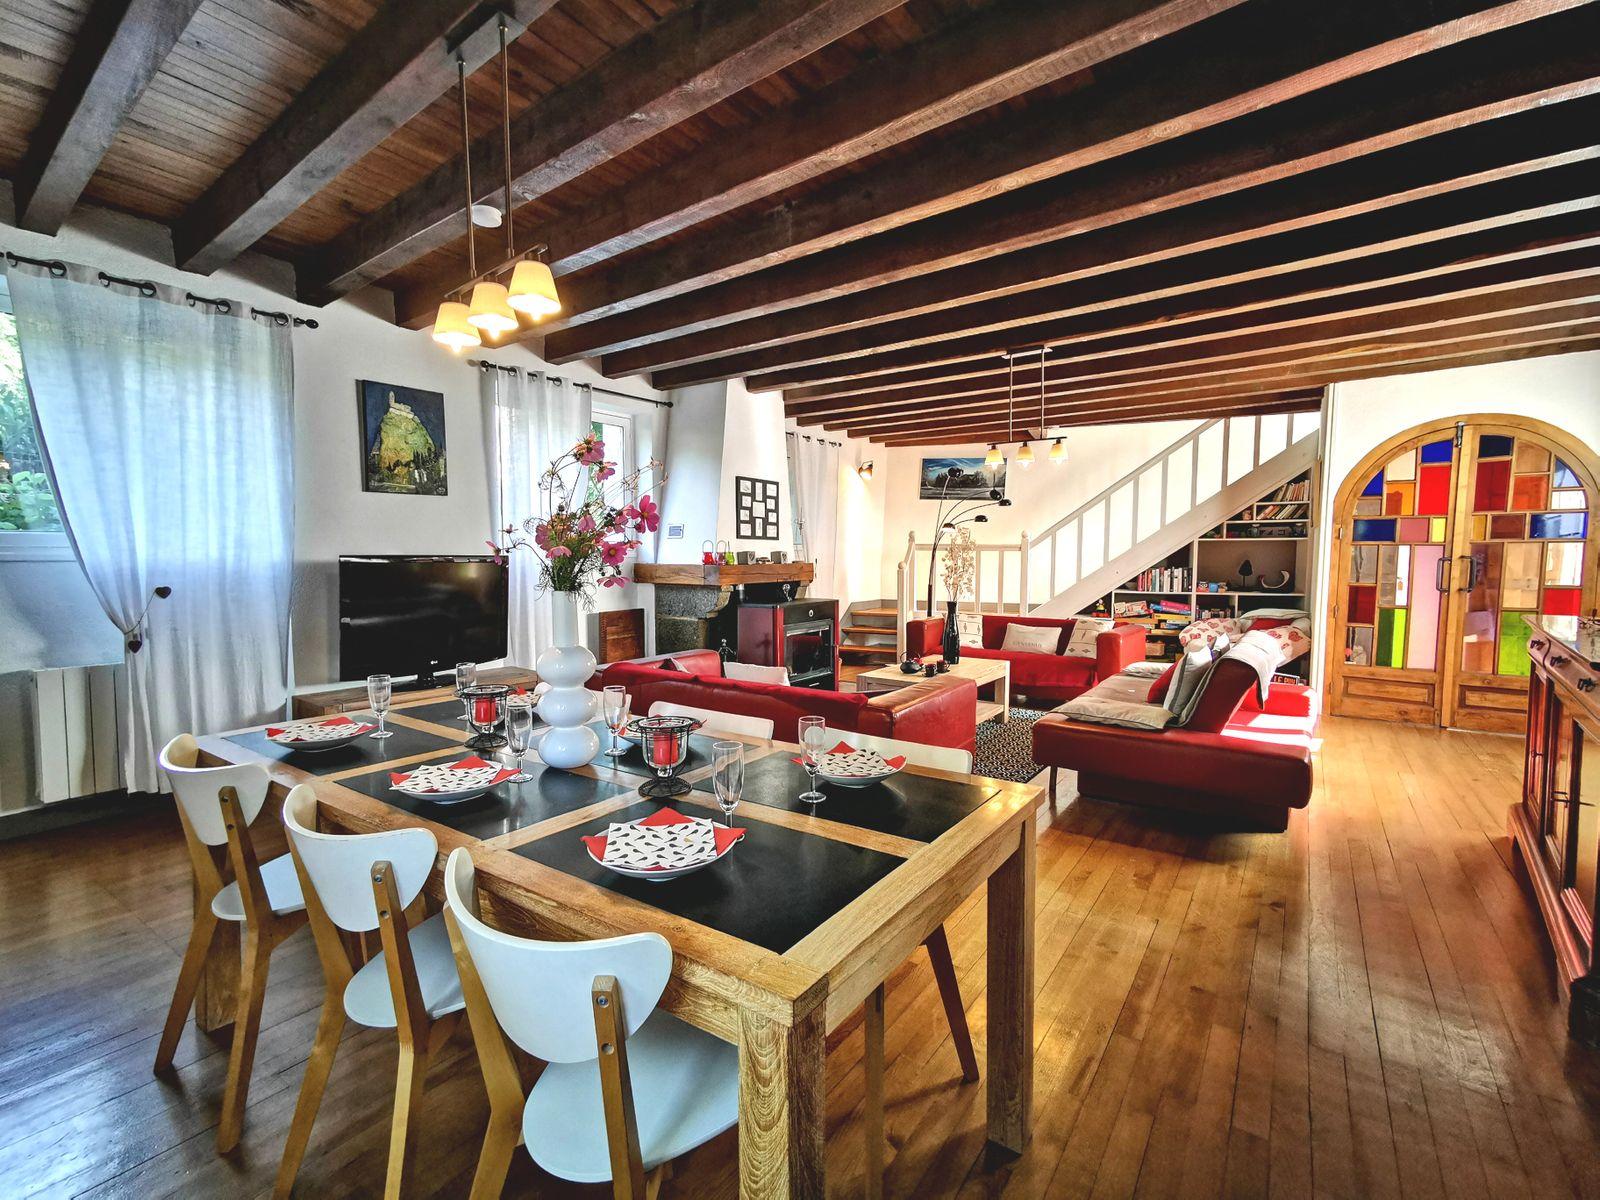 Pièce de vie avec table à manger et espace salon organisé autour d'une belle cheminée